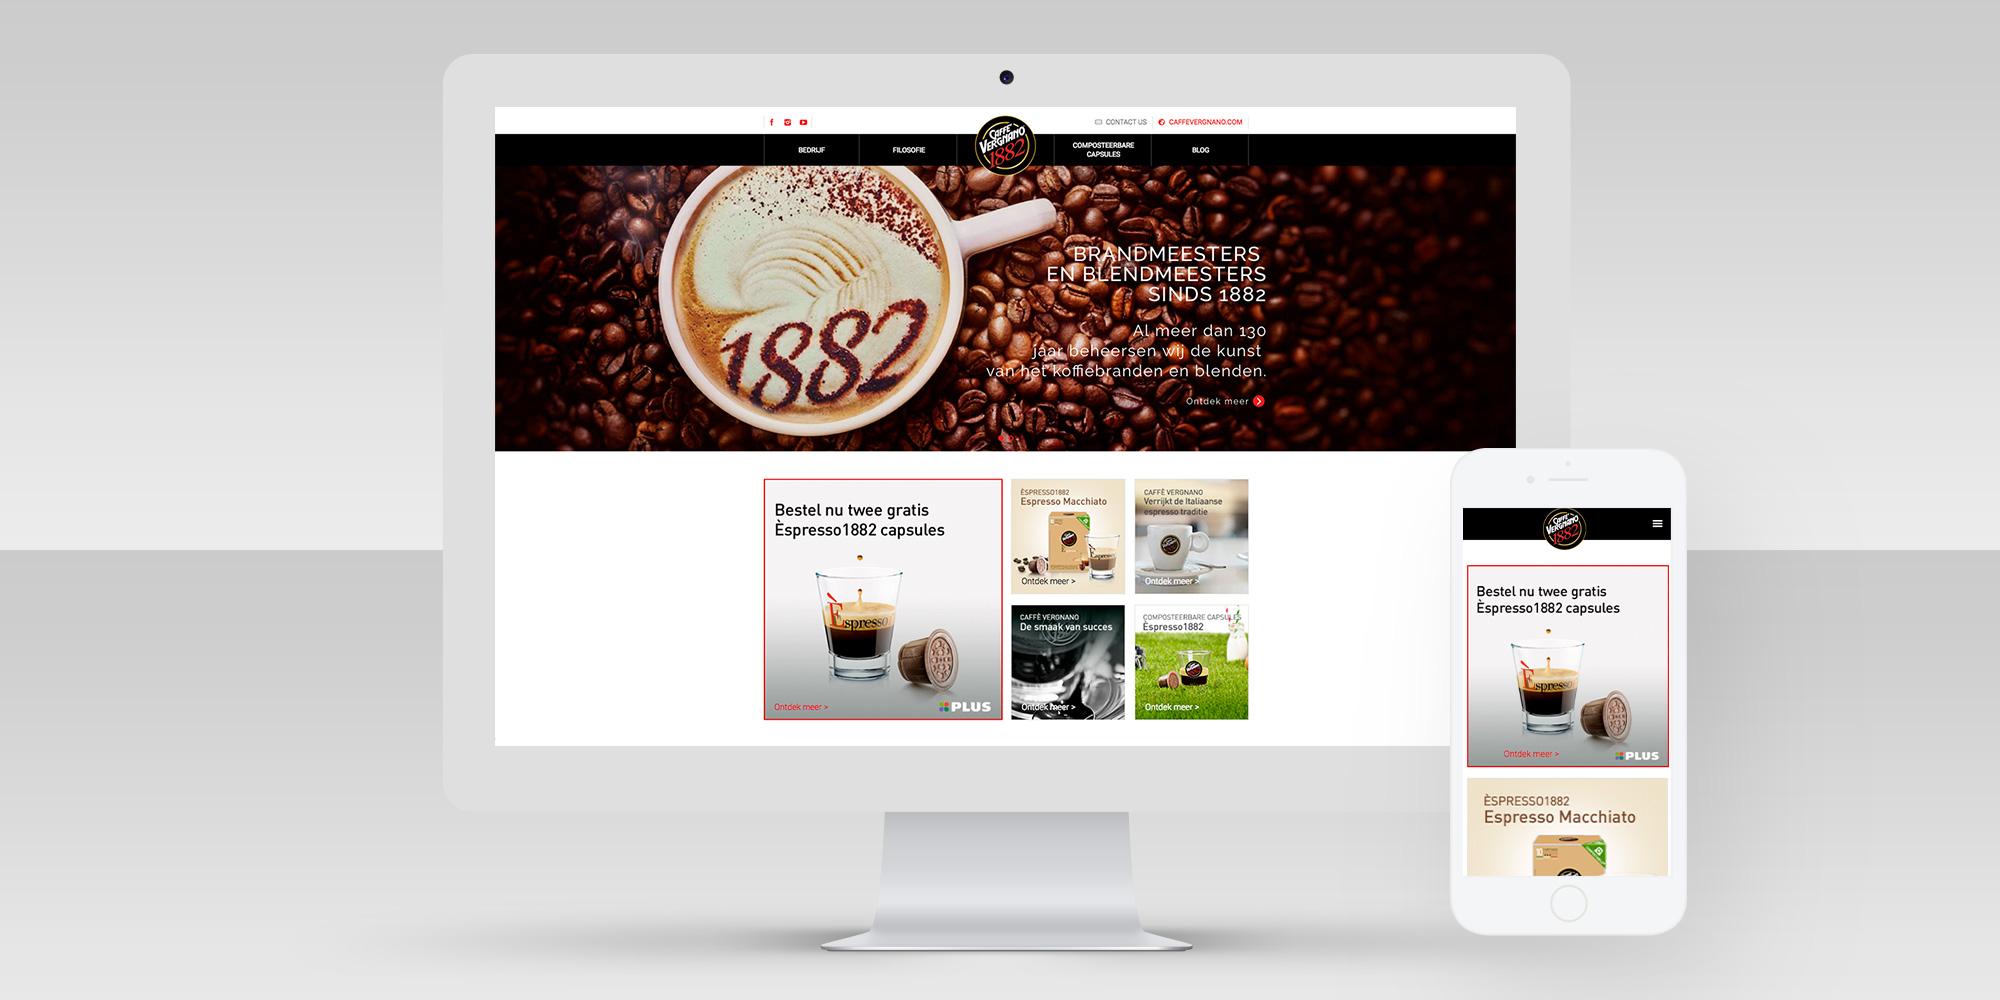 Caffè Vergnano / Dutchy Design / Branding & Design Portfolio